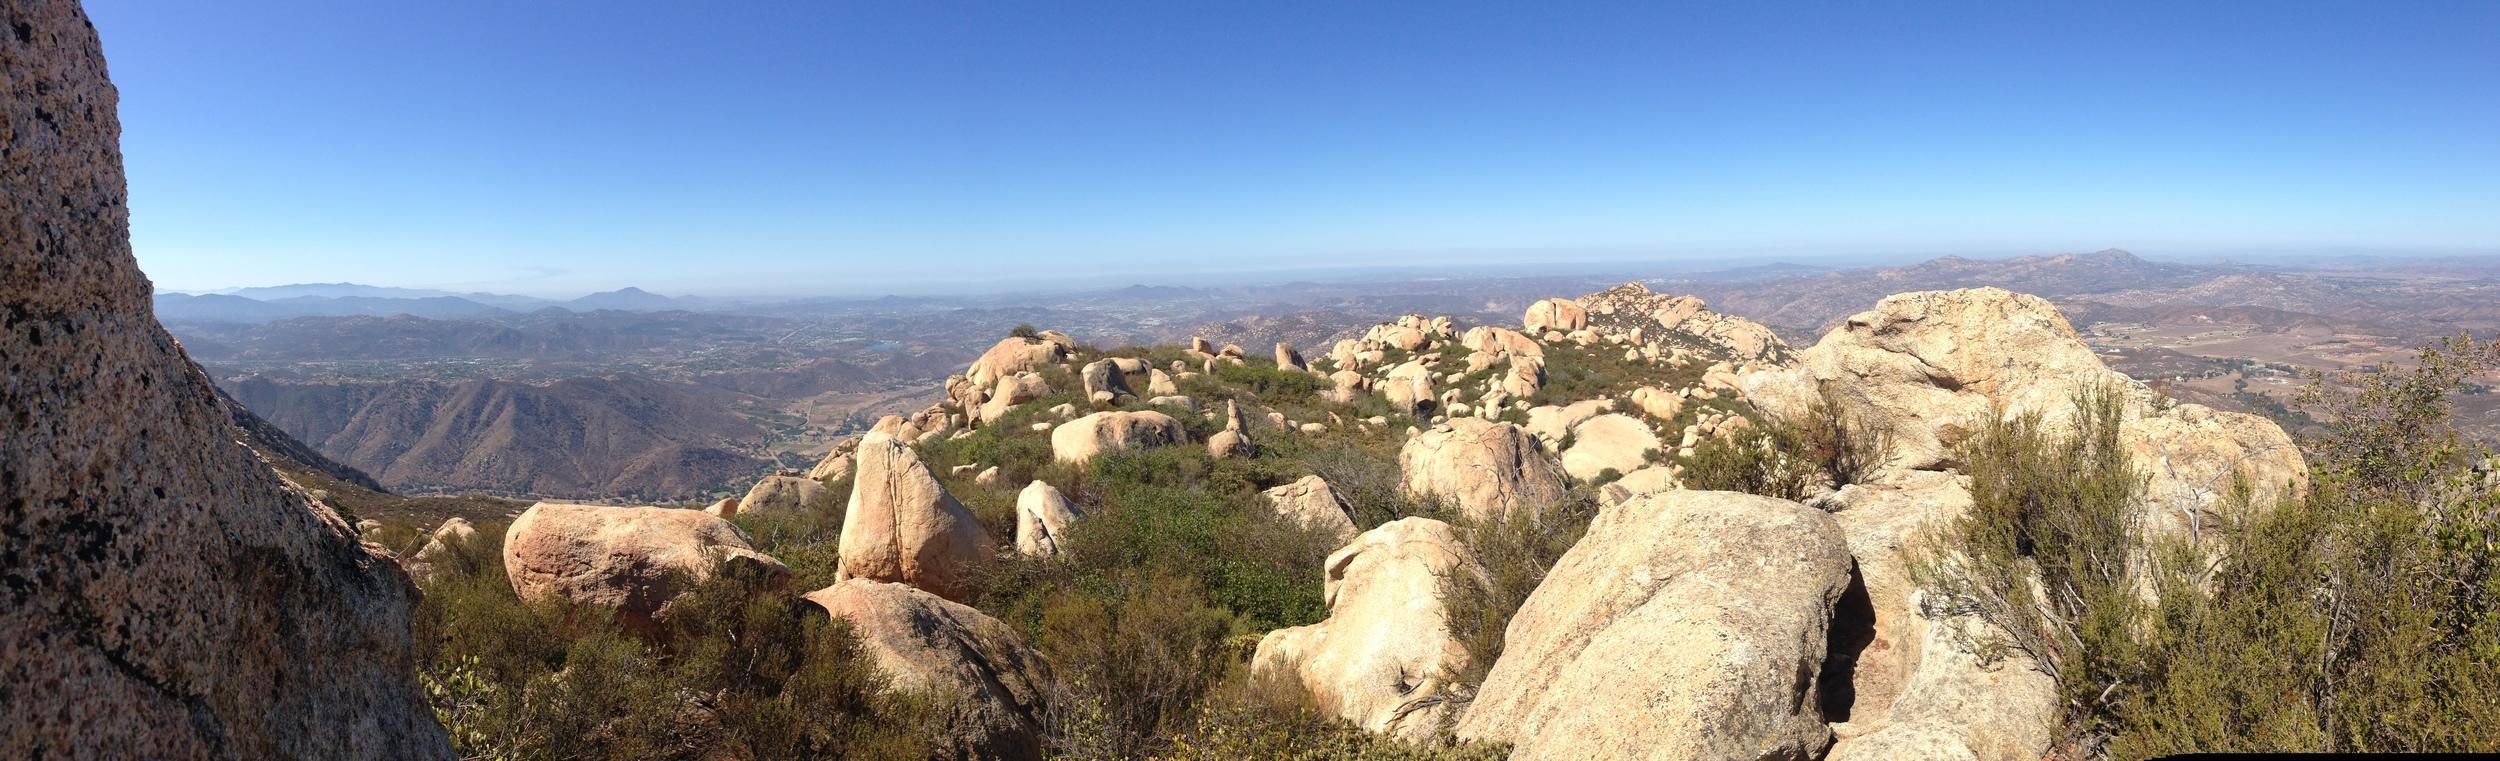 Summit, El Cajon Mountain, September 2014